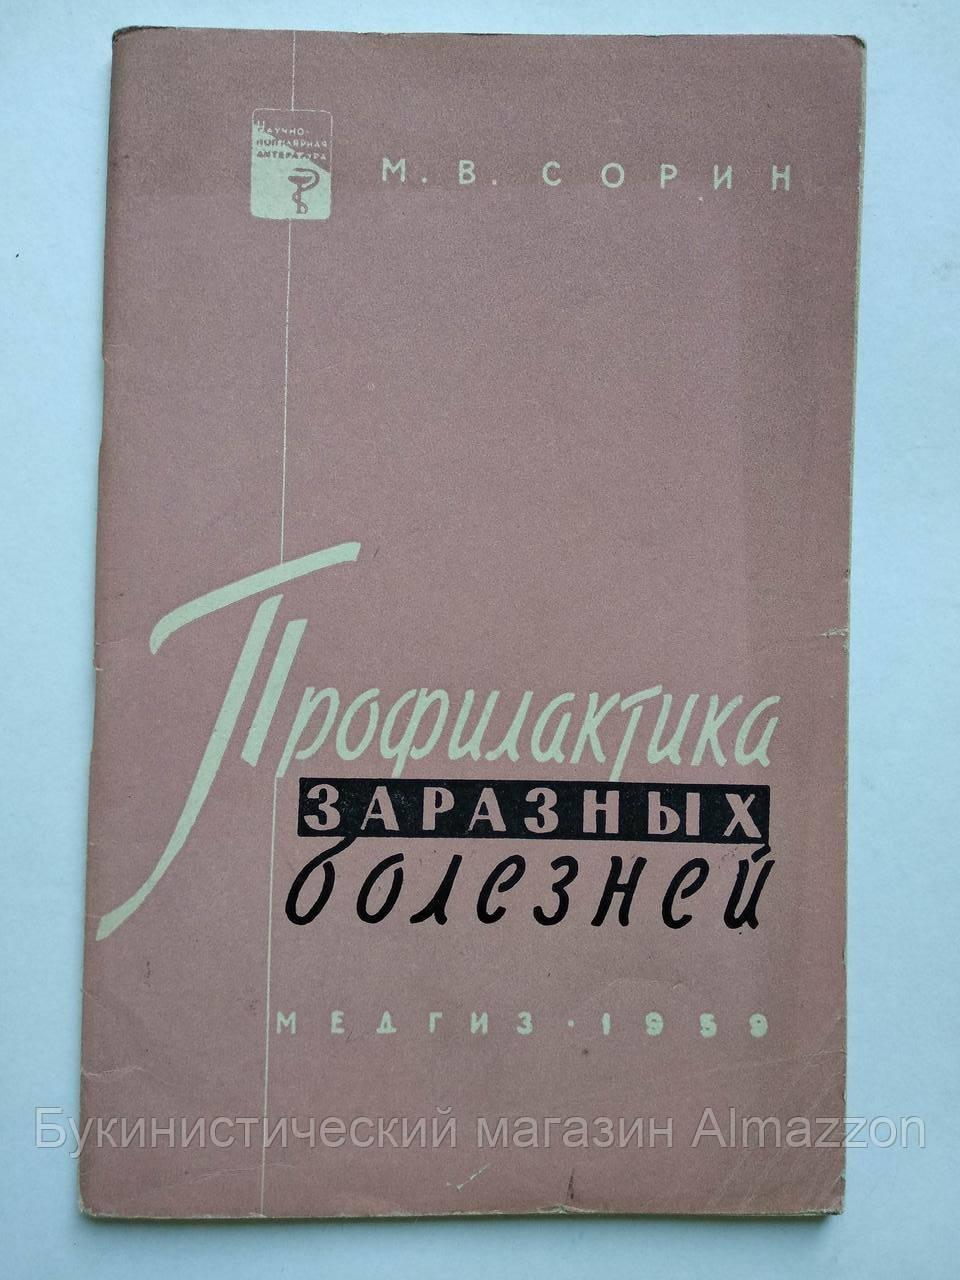 Профилактика заразных болезней М.Сорин 1959 год Медгиз